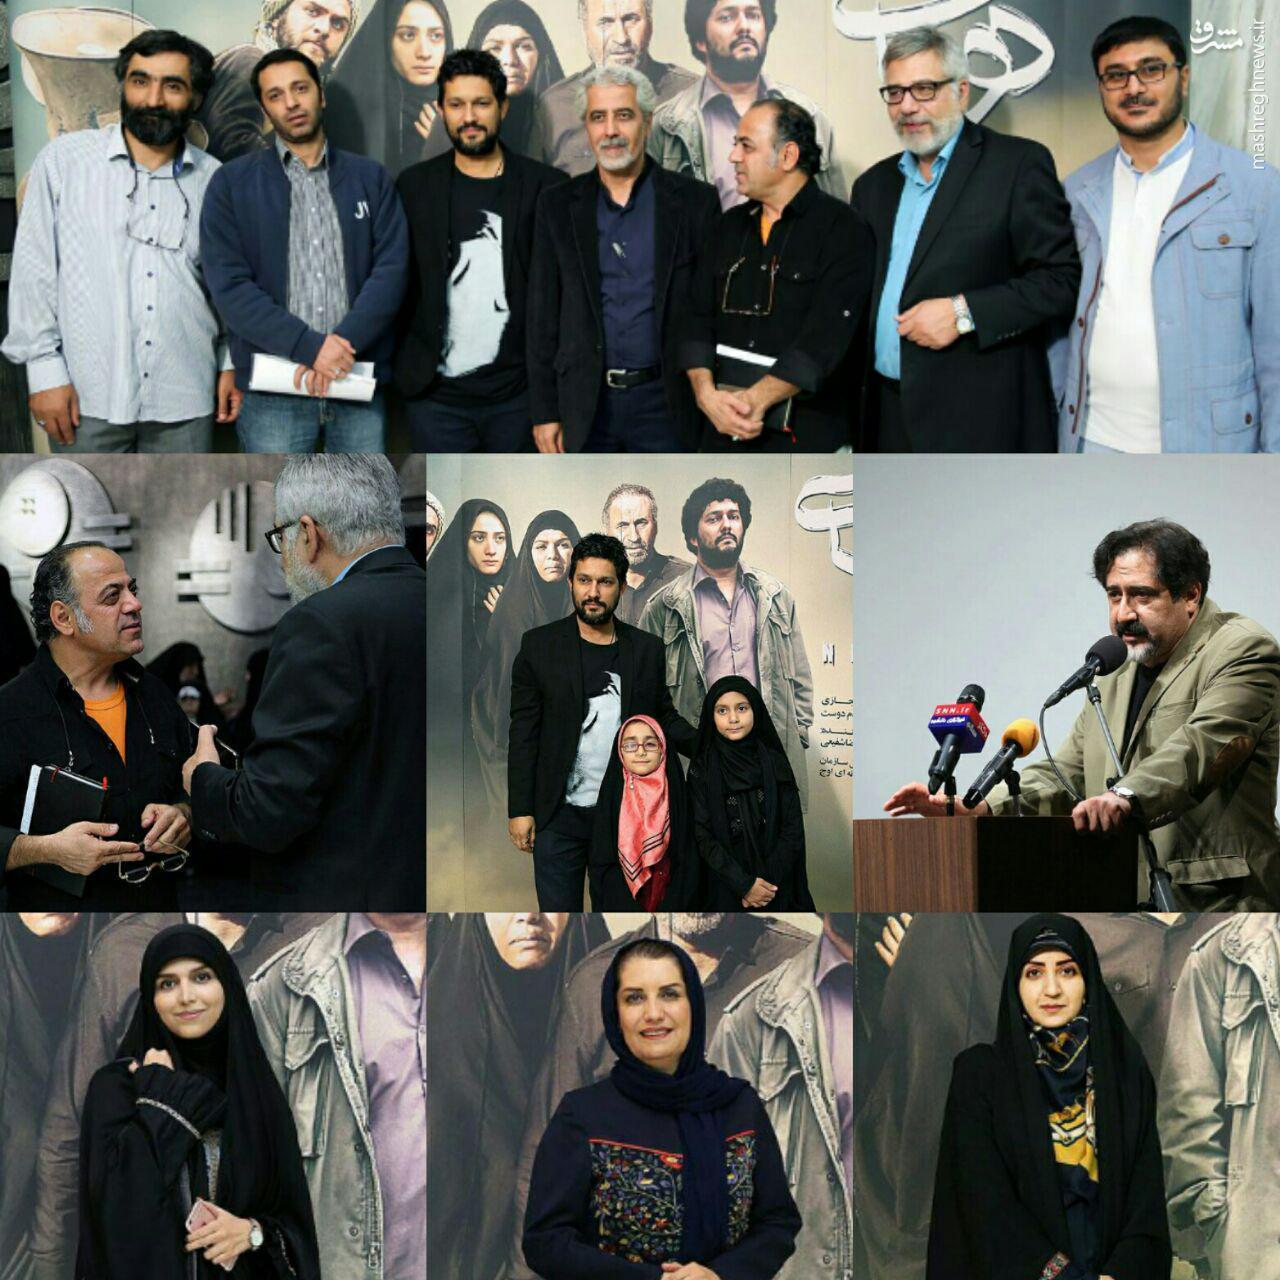 اکران فیلم سینمایی «هیهات» با حضور چهره ها+عکس